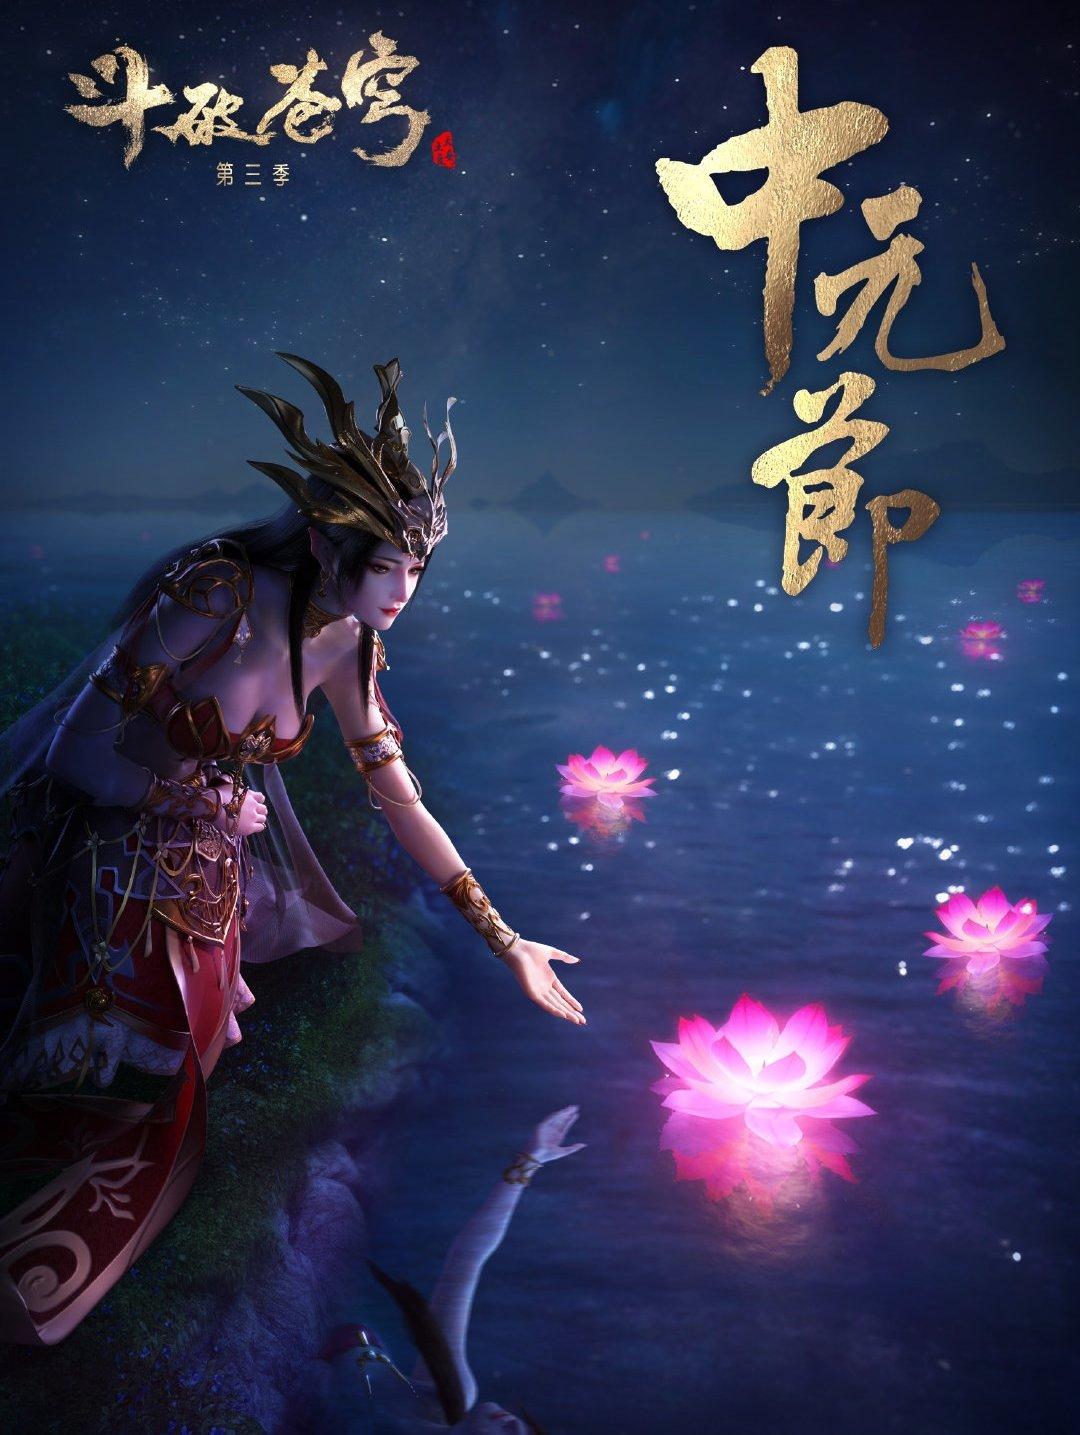 斗破苍穹动漫美杜莎女王高清图片